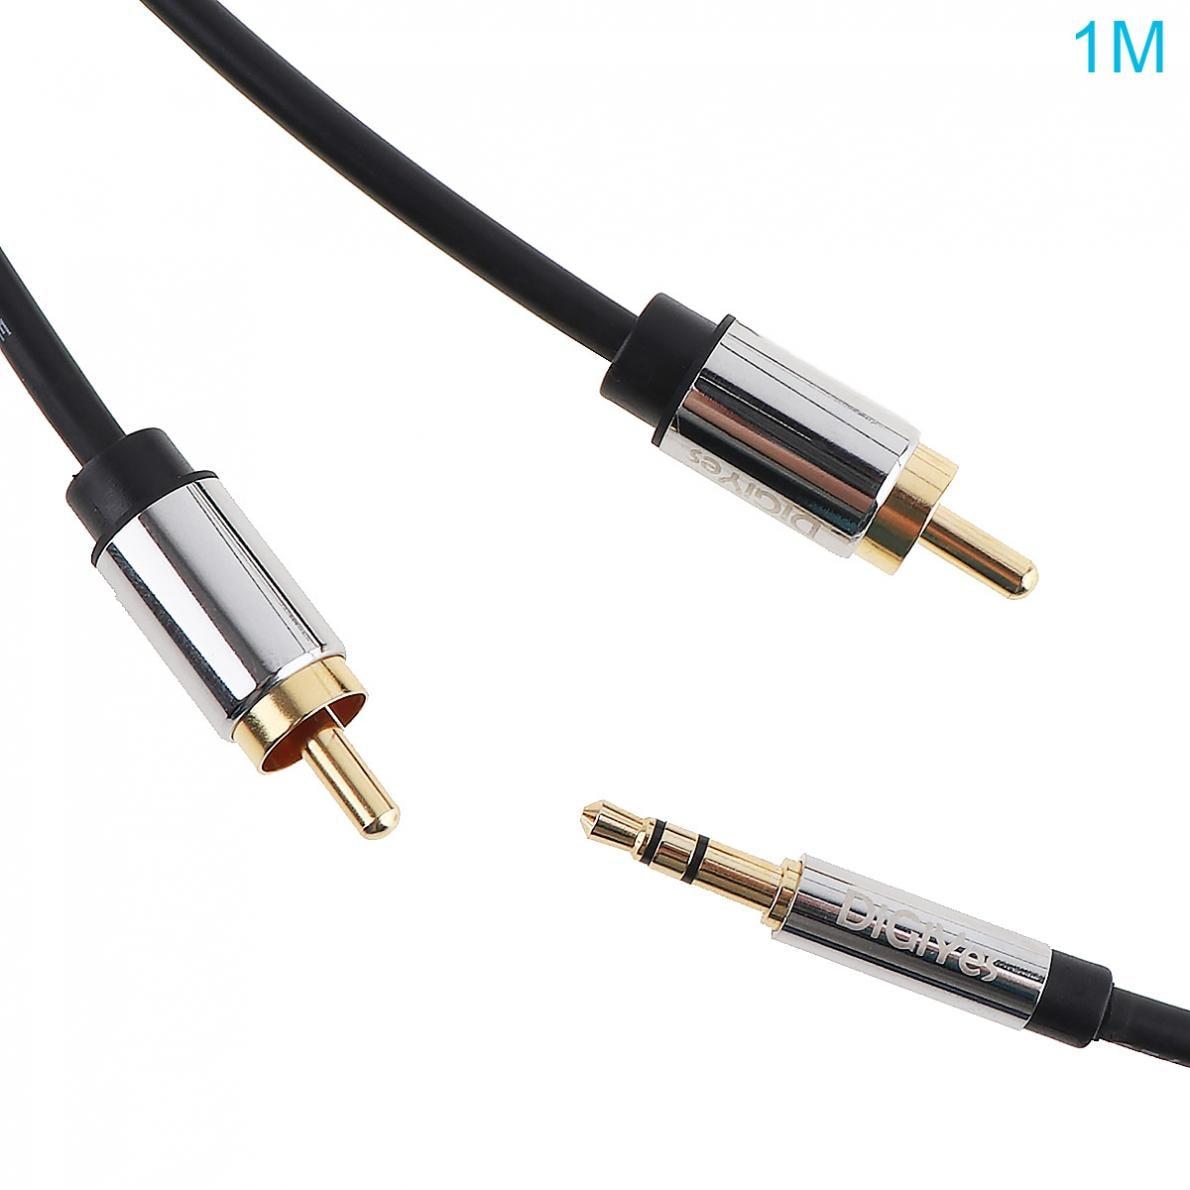 Digiyes Aux Kabel 3,5mm Stecker Auf 2rca Männlichen Stereo Audio Adapter Kabel Gold Überzogen Für Smartphones/mp3/ Tabletten/heimkino Unterhaltungselektronik Zubehör Und Ersatzteile